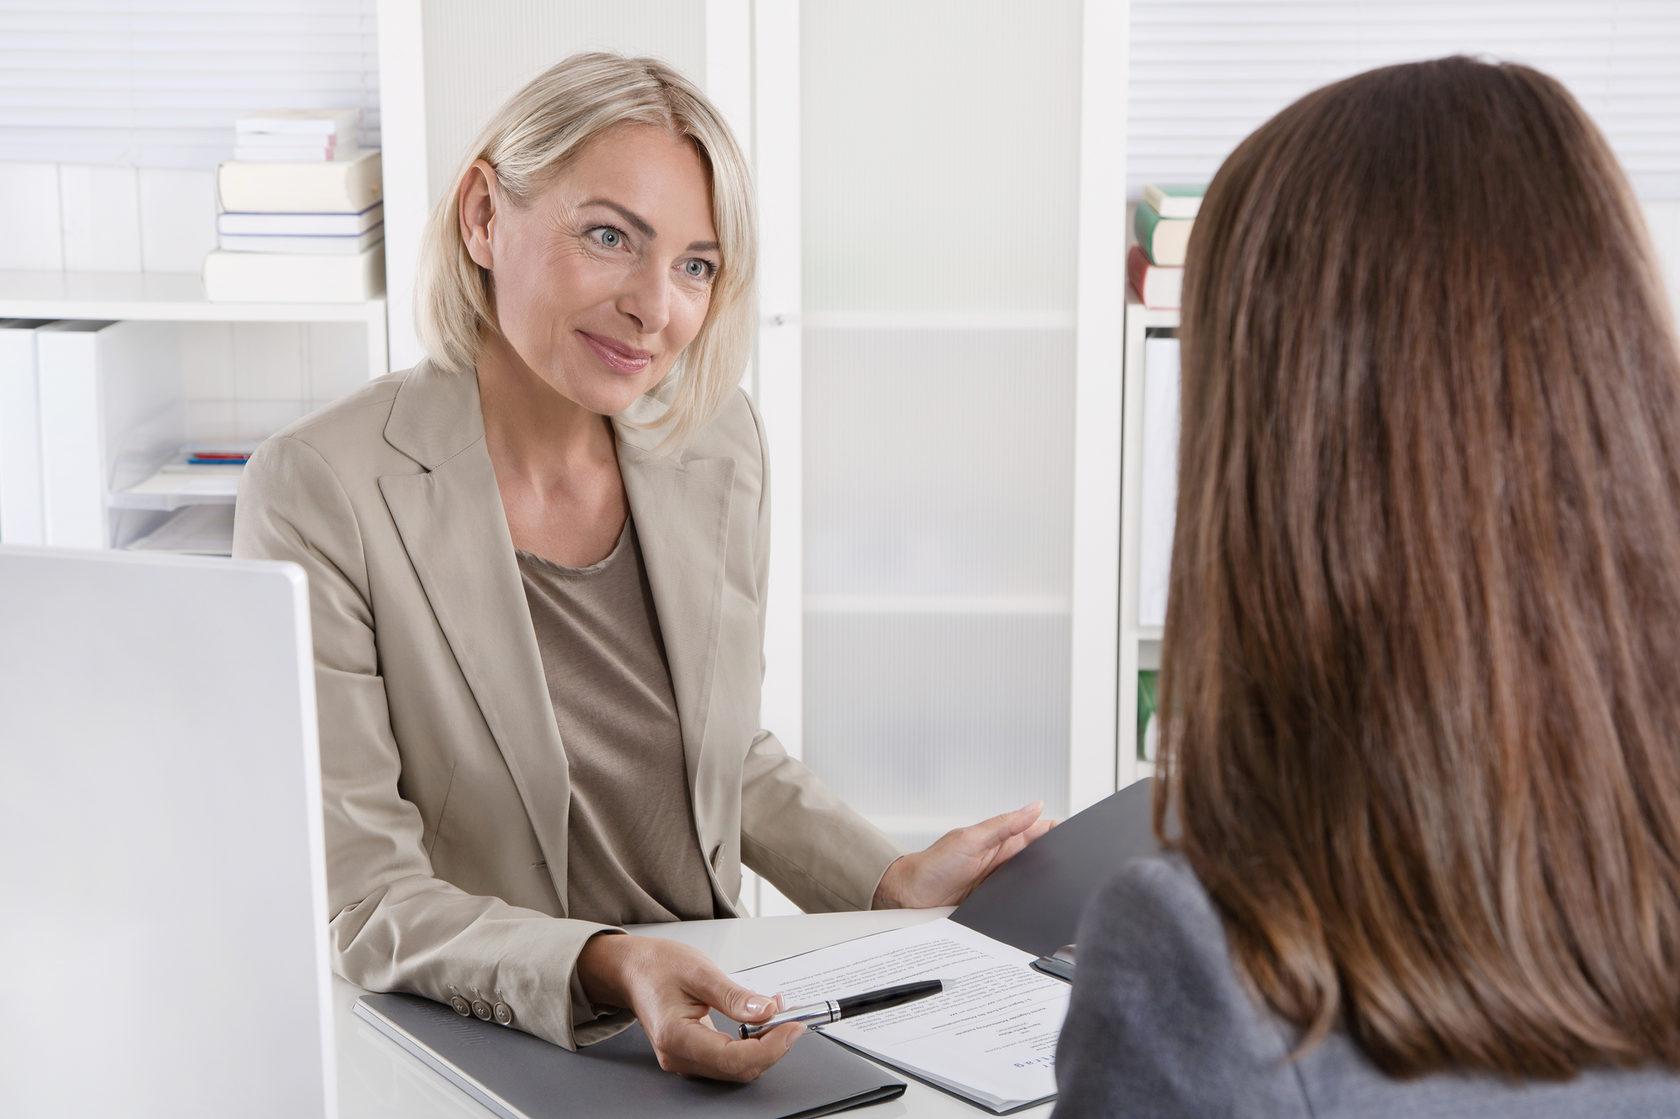 Поиск новой работы гадание онлайн